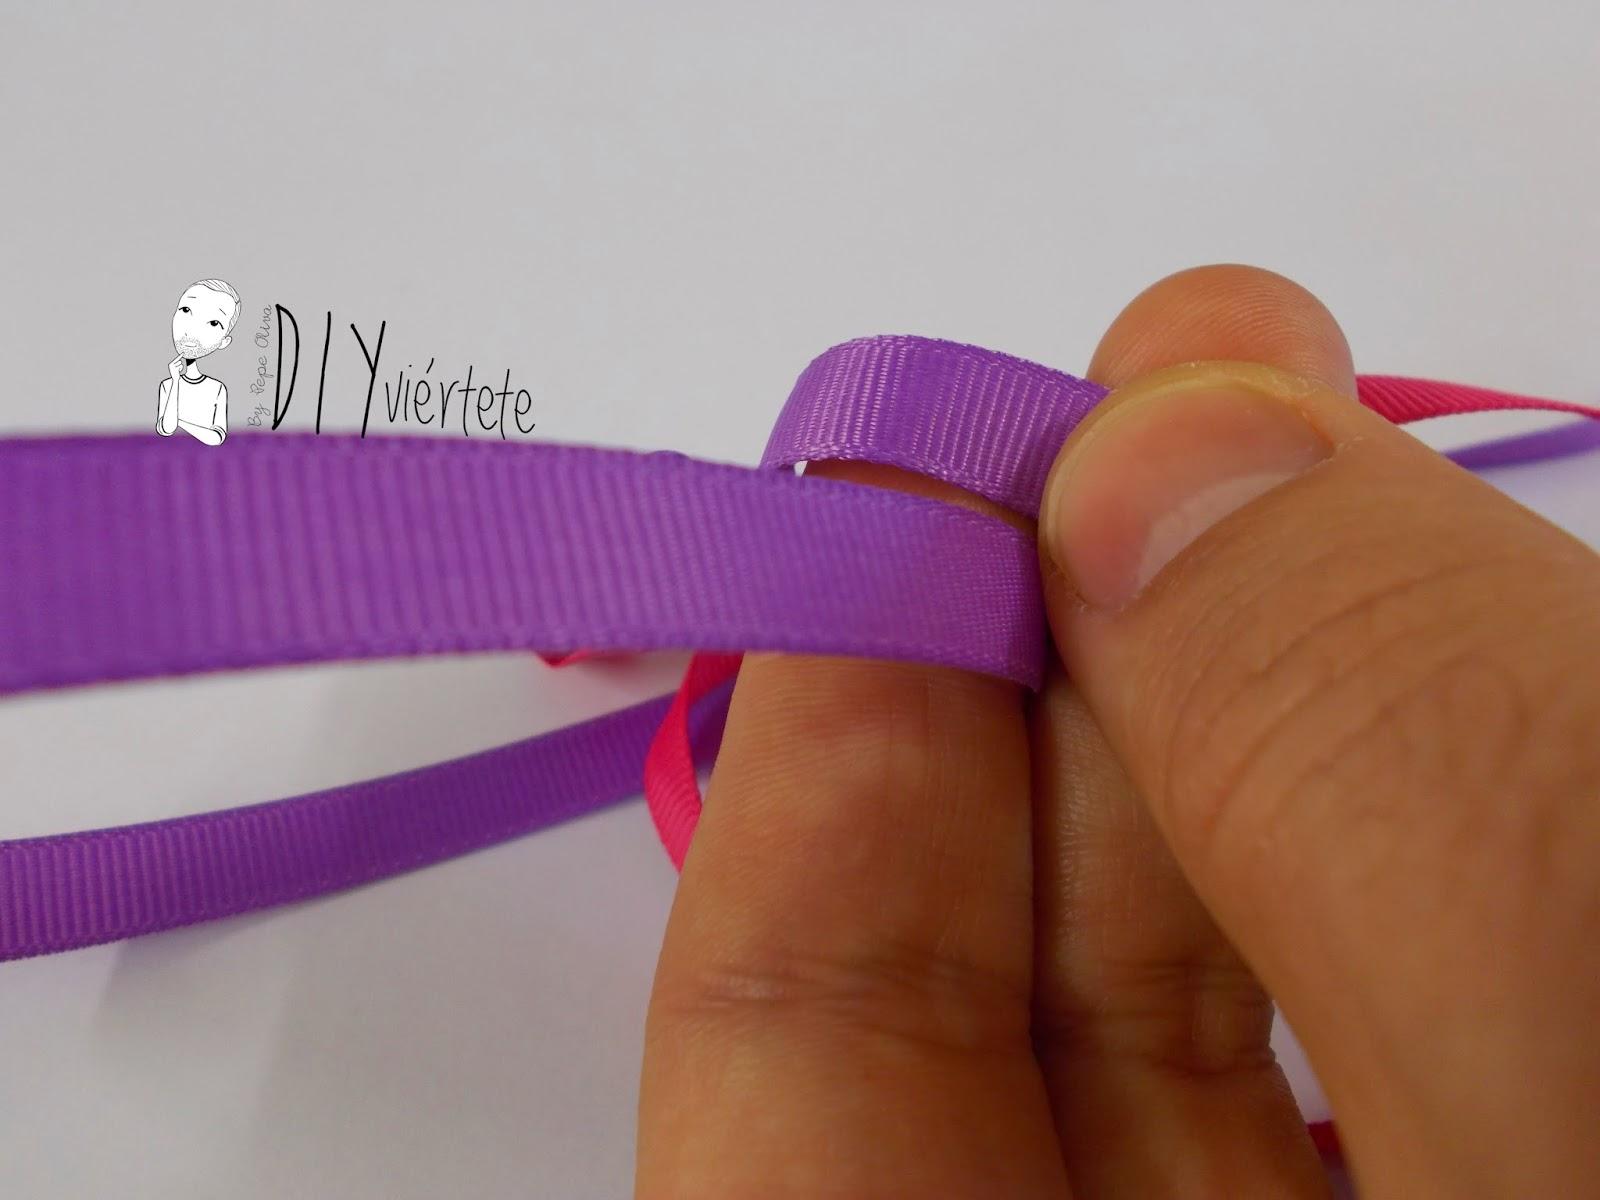 BLOGERSANDO-marzo-lila-collar-cinta raso-mujer trabajadora-color mujer-morado-violeta-acordeón-bisutería-3